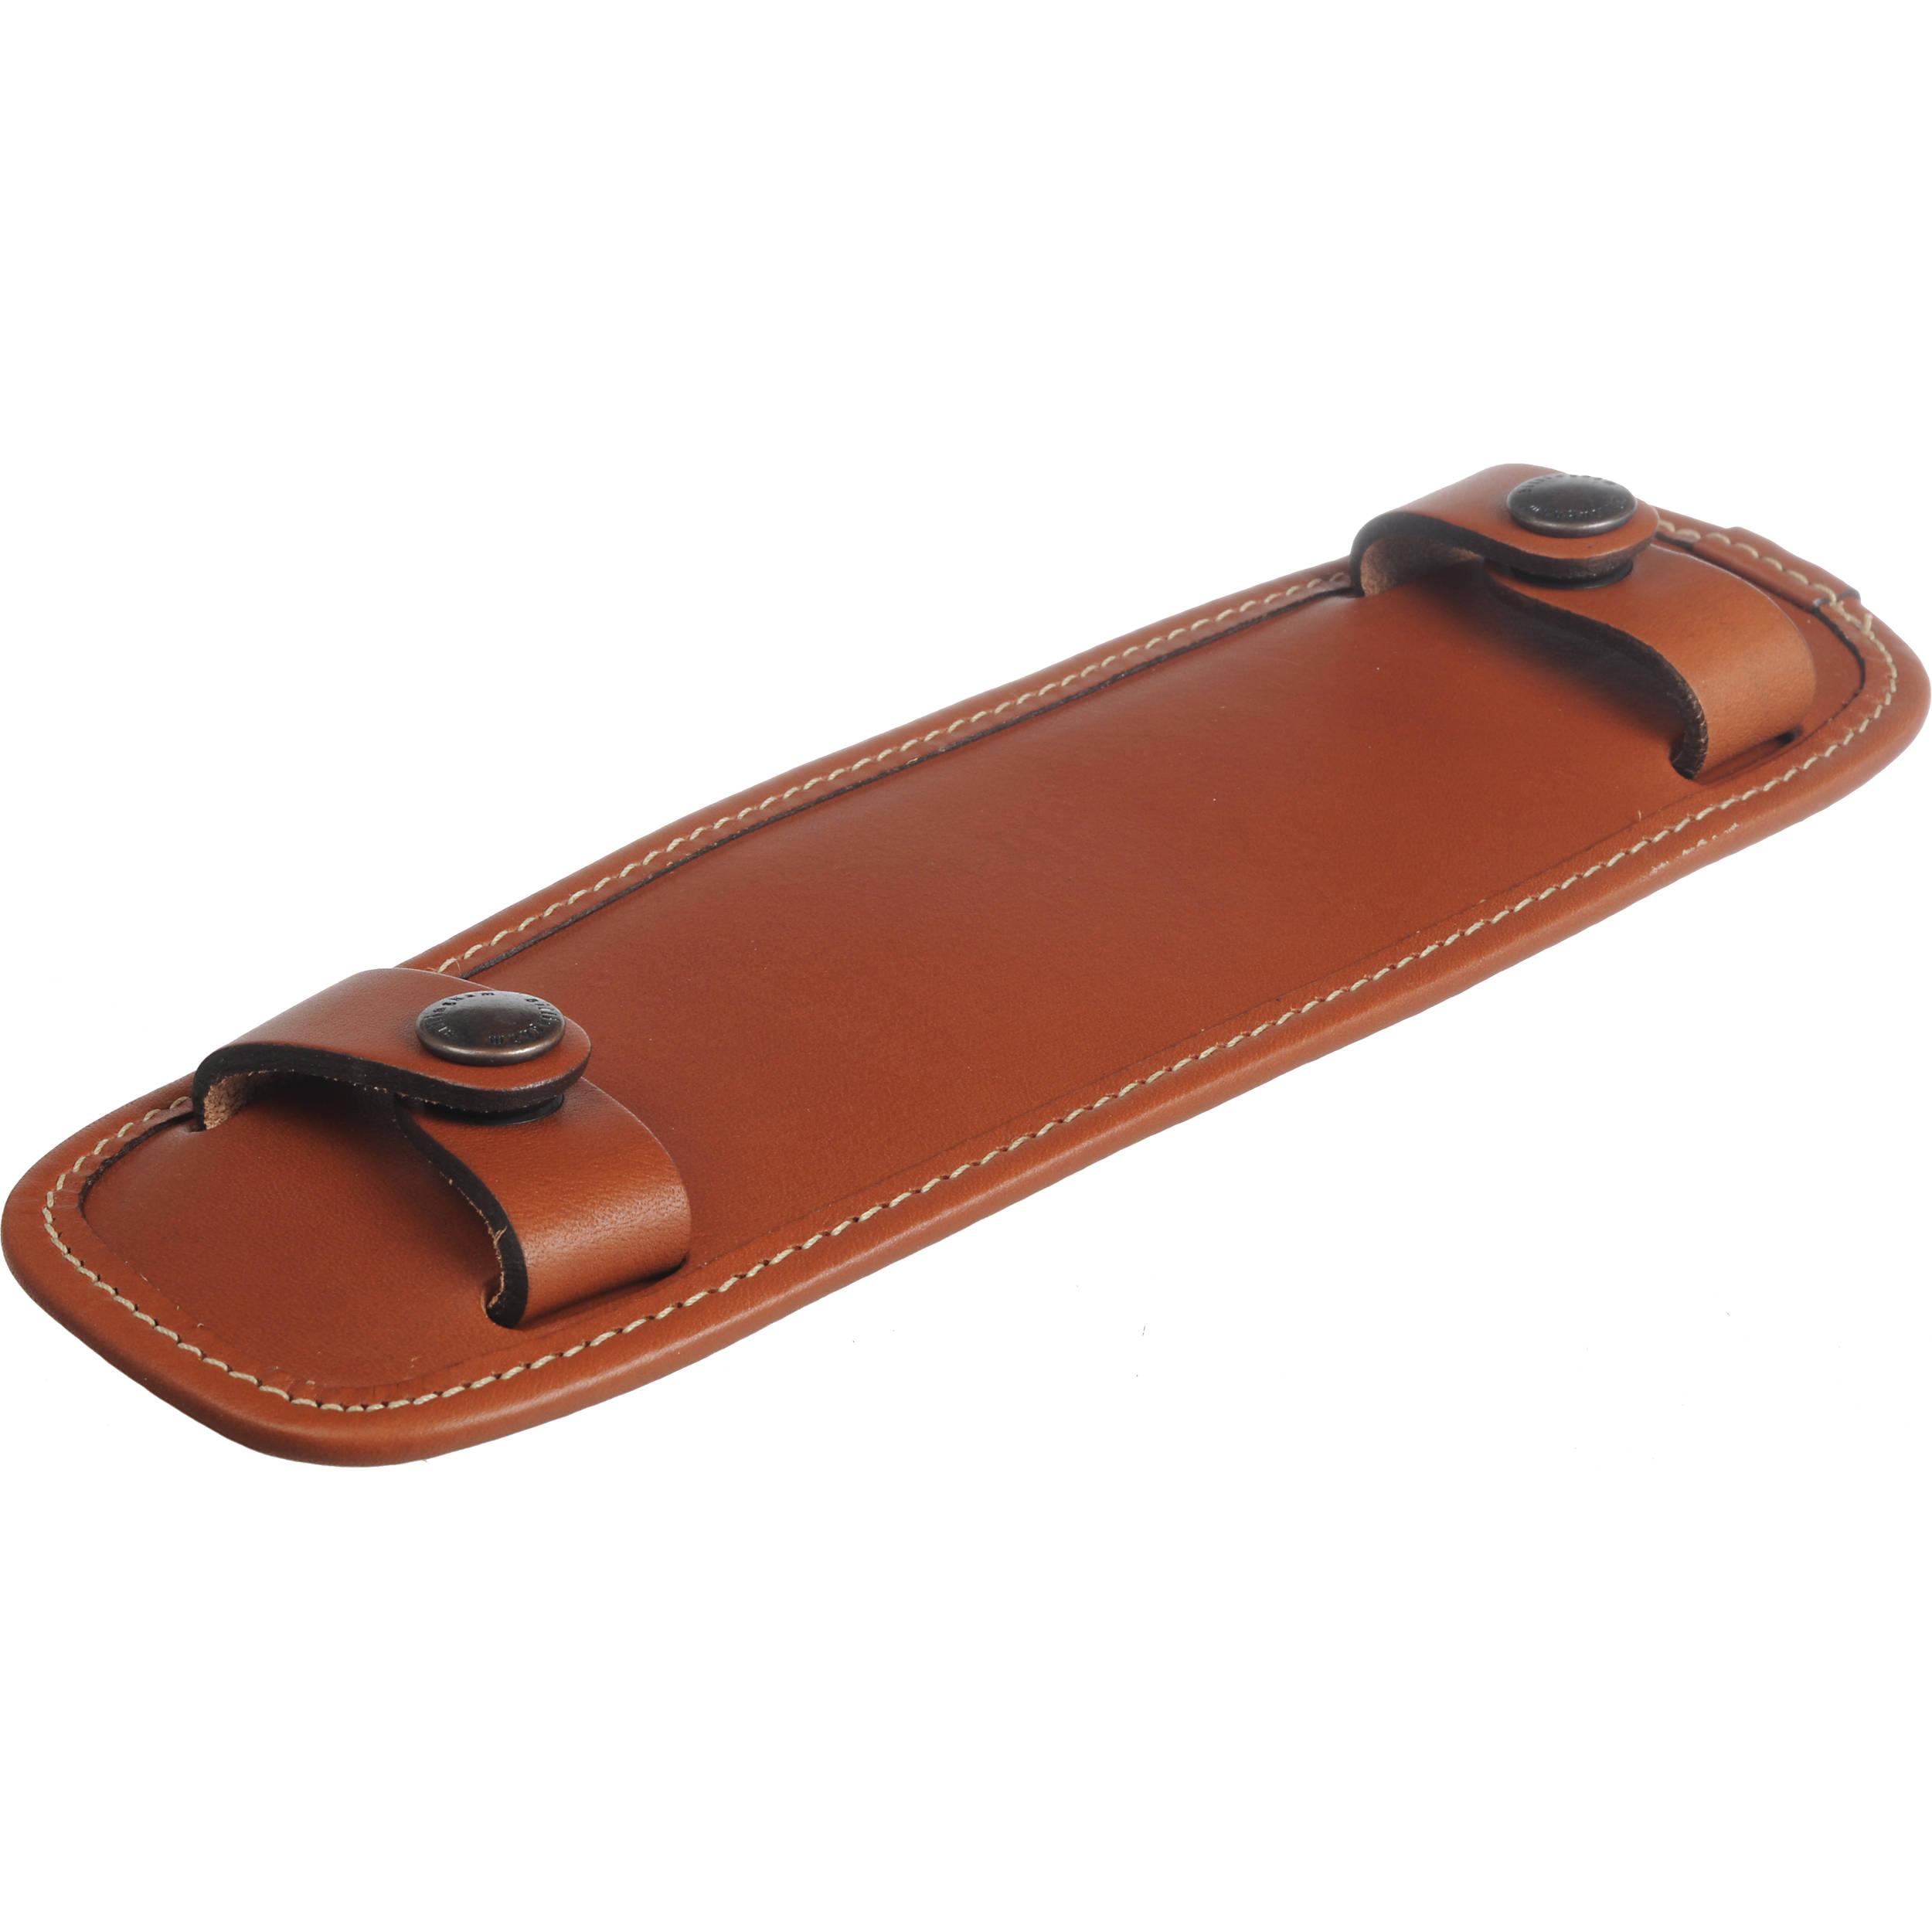 771549be47bb Billingham SP50 Leather Shoulder Pad (Tan)